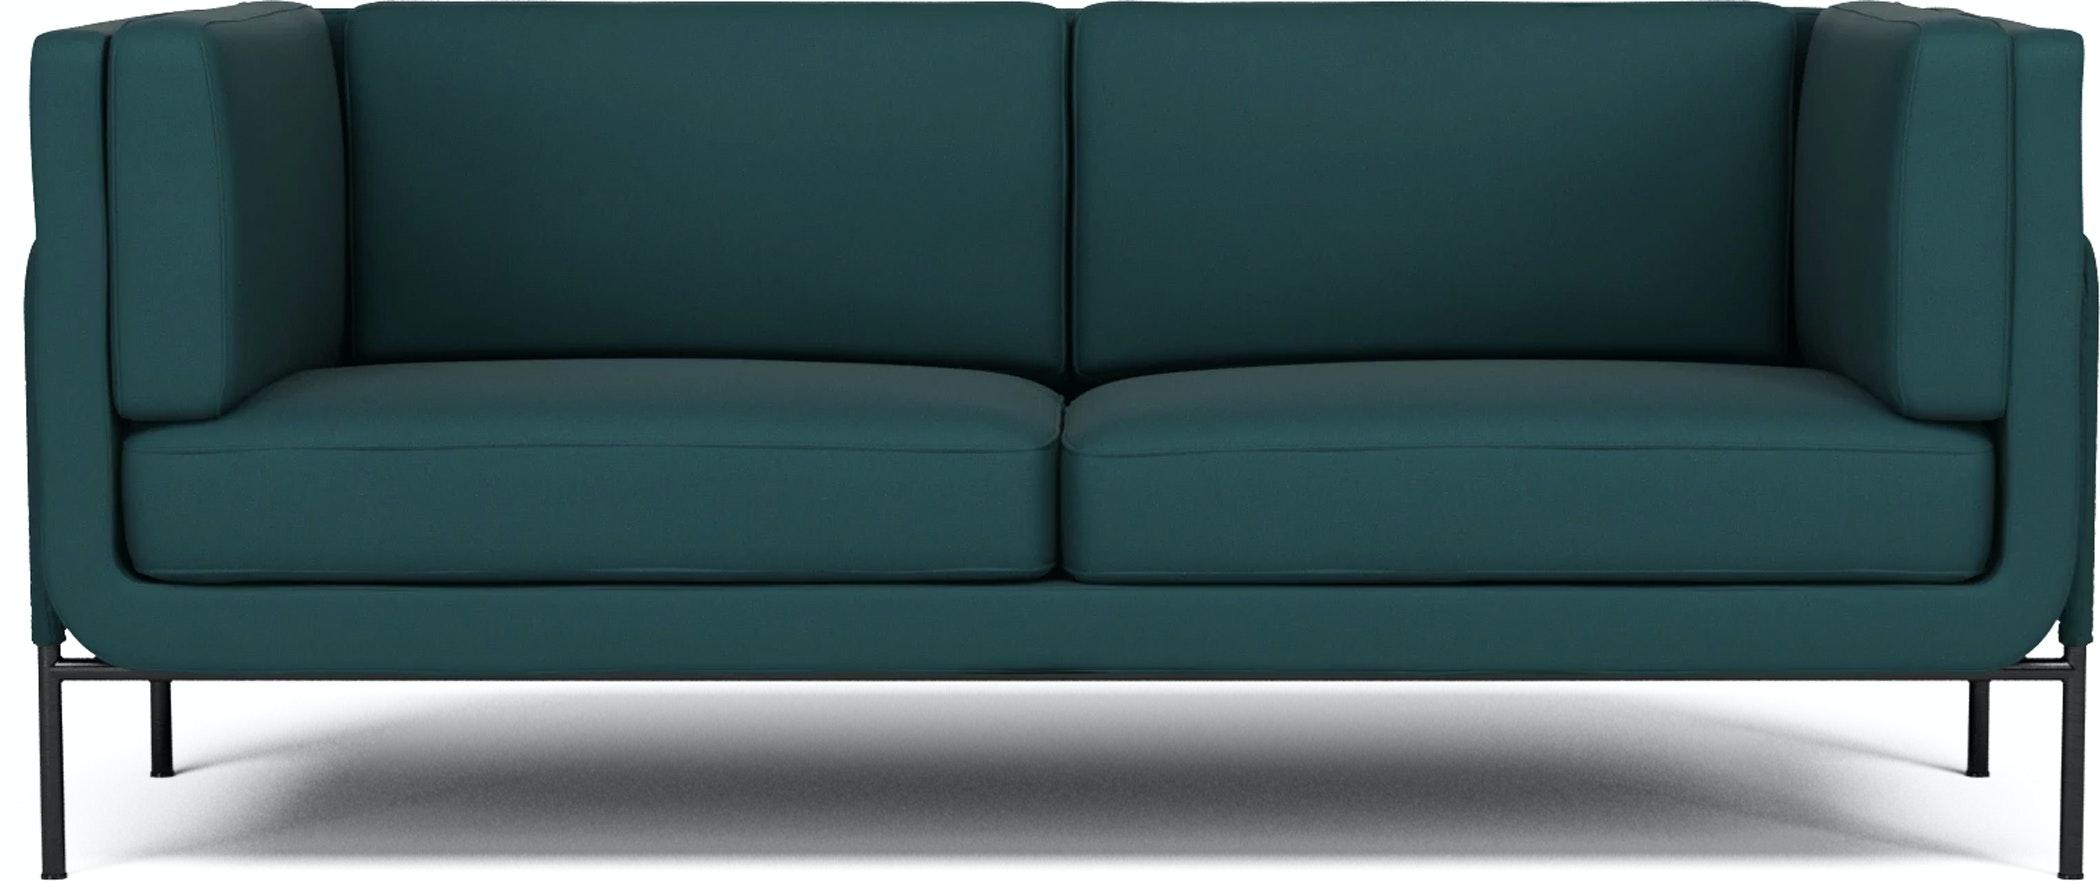 Rami Sofa 2